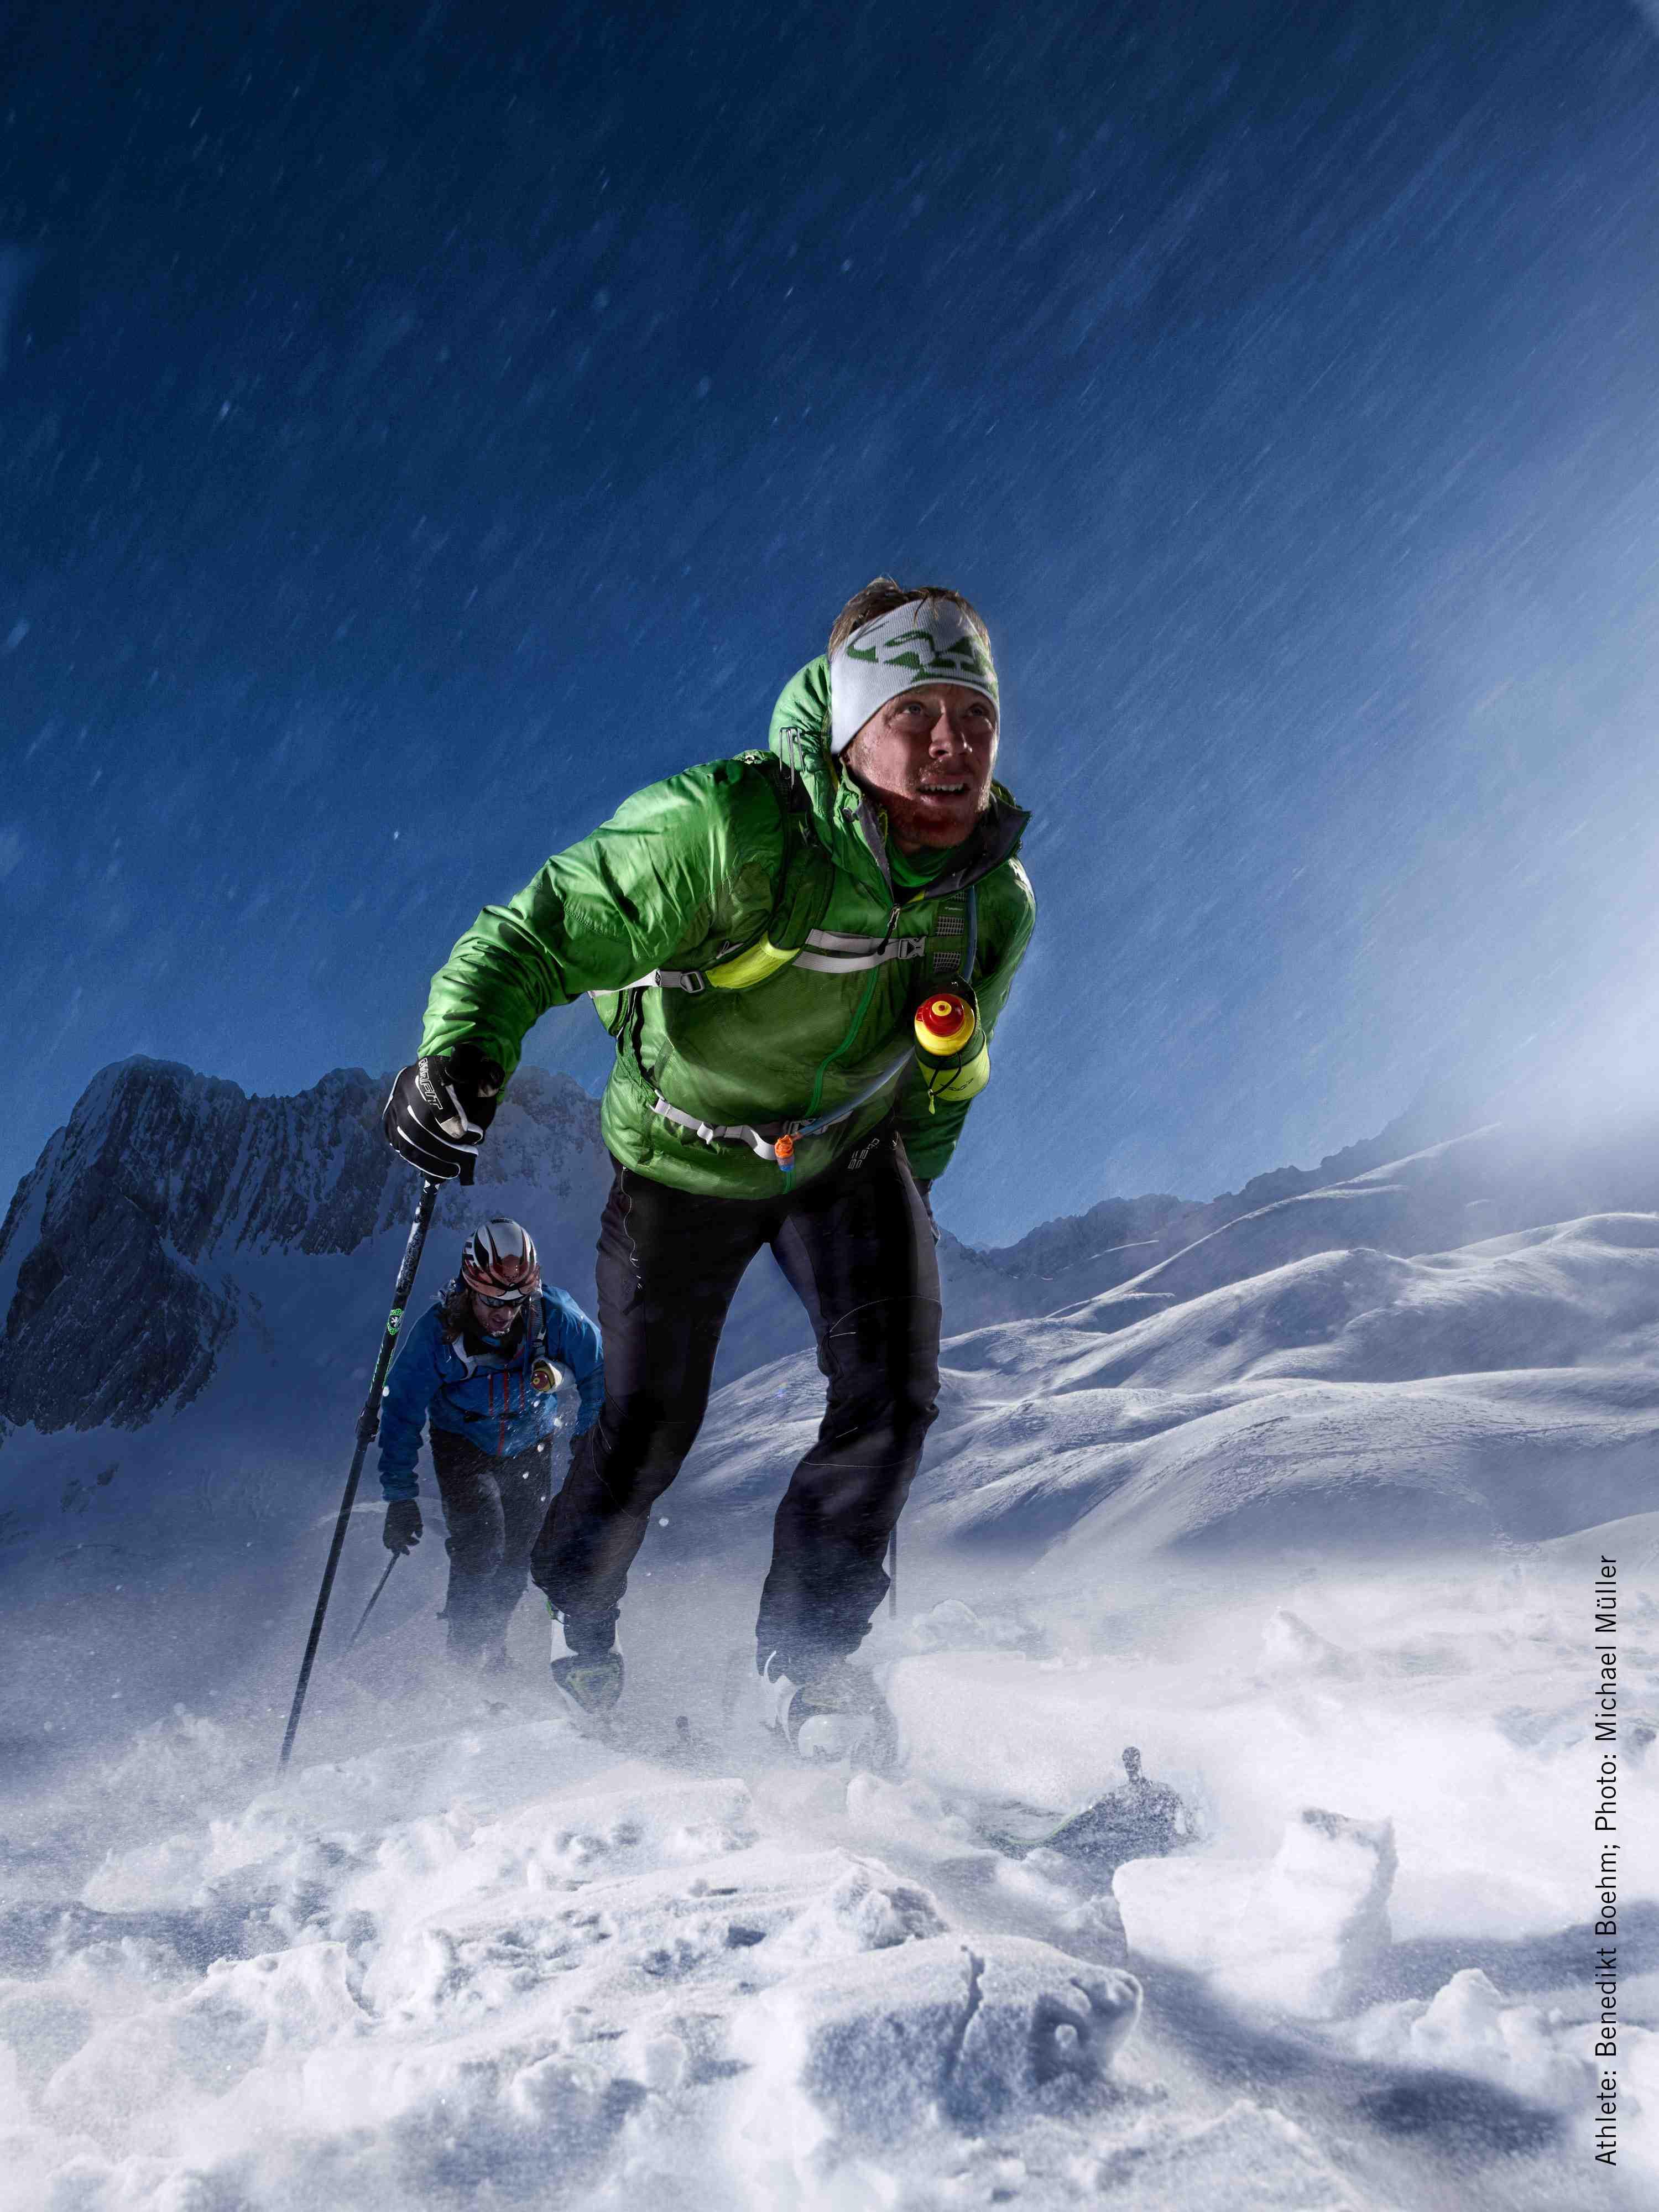 Profis wie der Extremskibergsteiger und Dynafit-Manager Benedikt Böhm wissen was in einen Tourenrucksack gehört und holen Informationen über die Wetter- sowie Lawinenlage vor dem Abmarsch ein.  Foto: (c) Dynafit